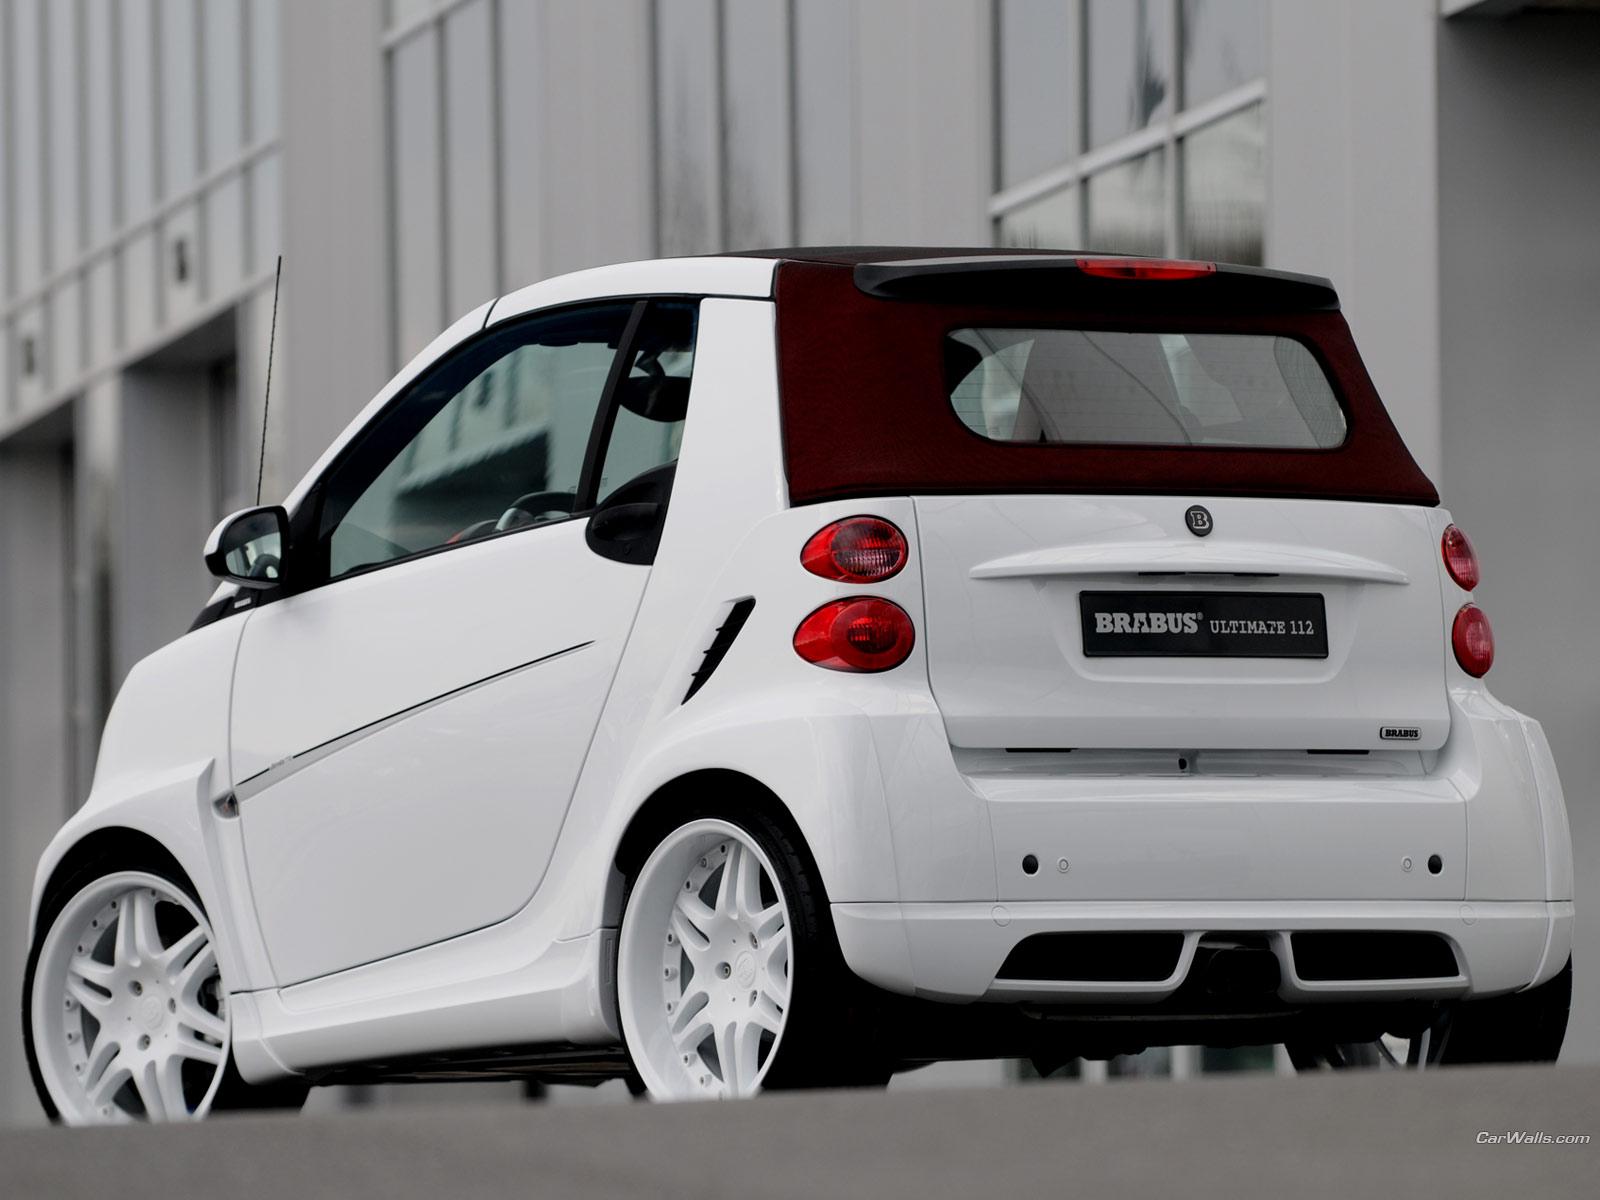 smart-brabus-01.jpg